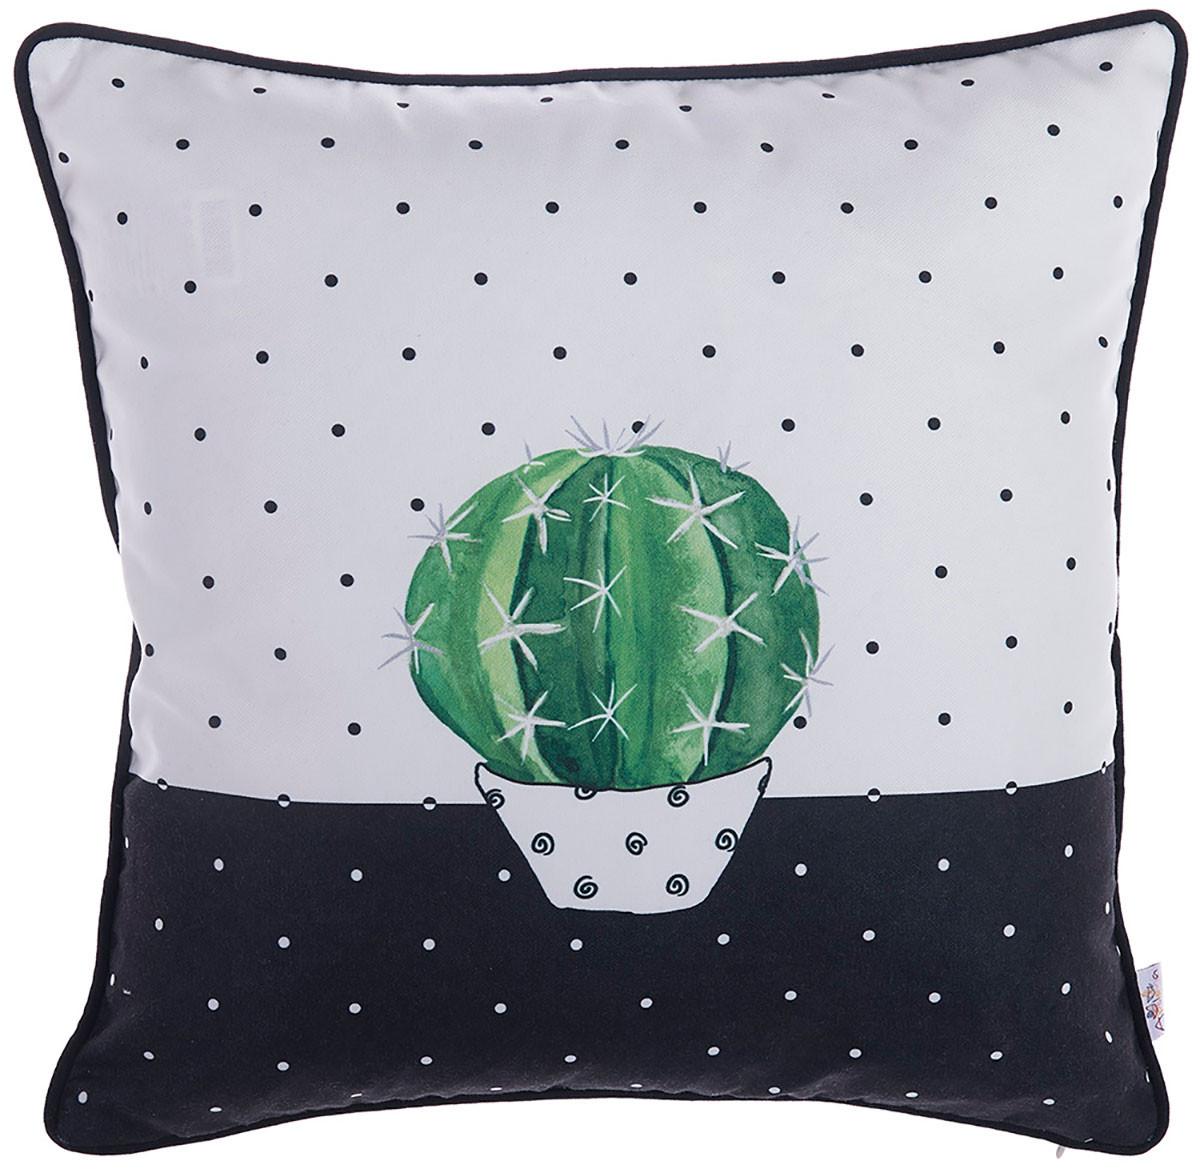 Διακοσμητική Μαξιλαροθήκη (43×43) Apolena Cactus White 702-6218/1